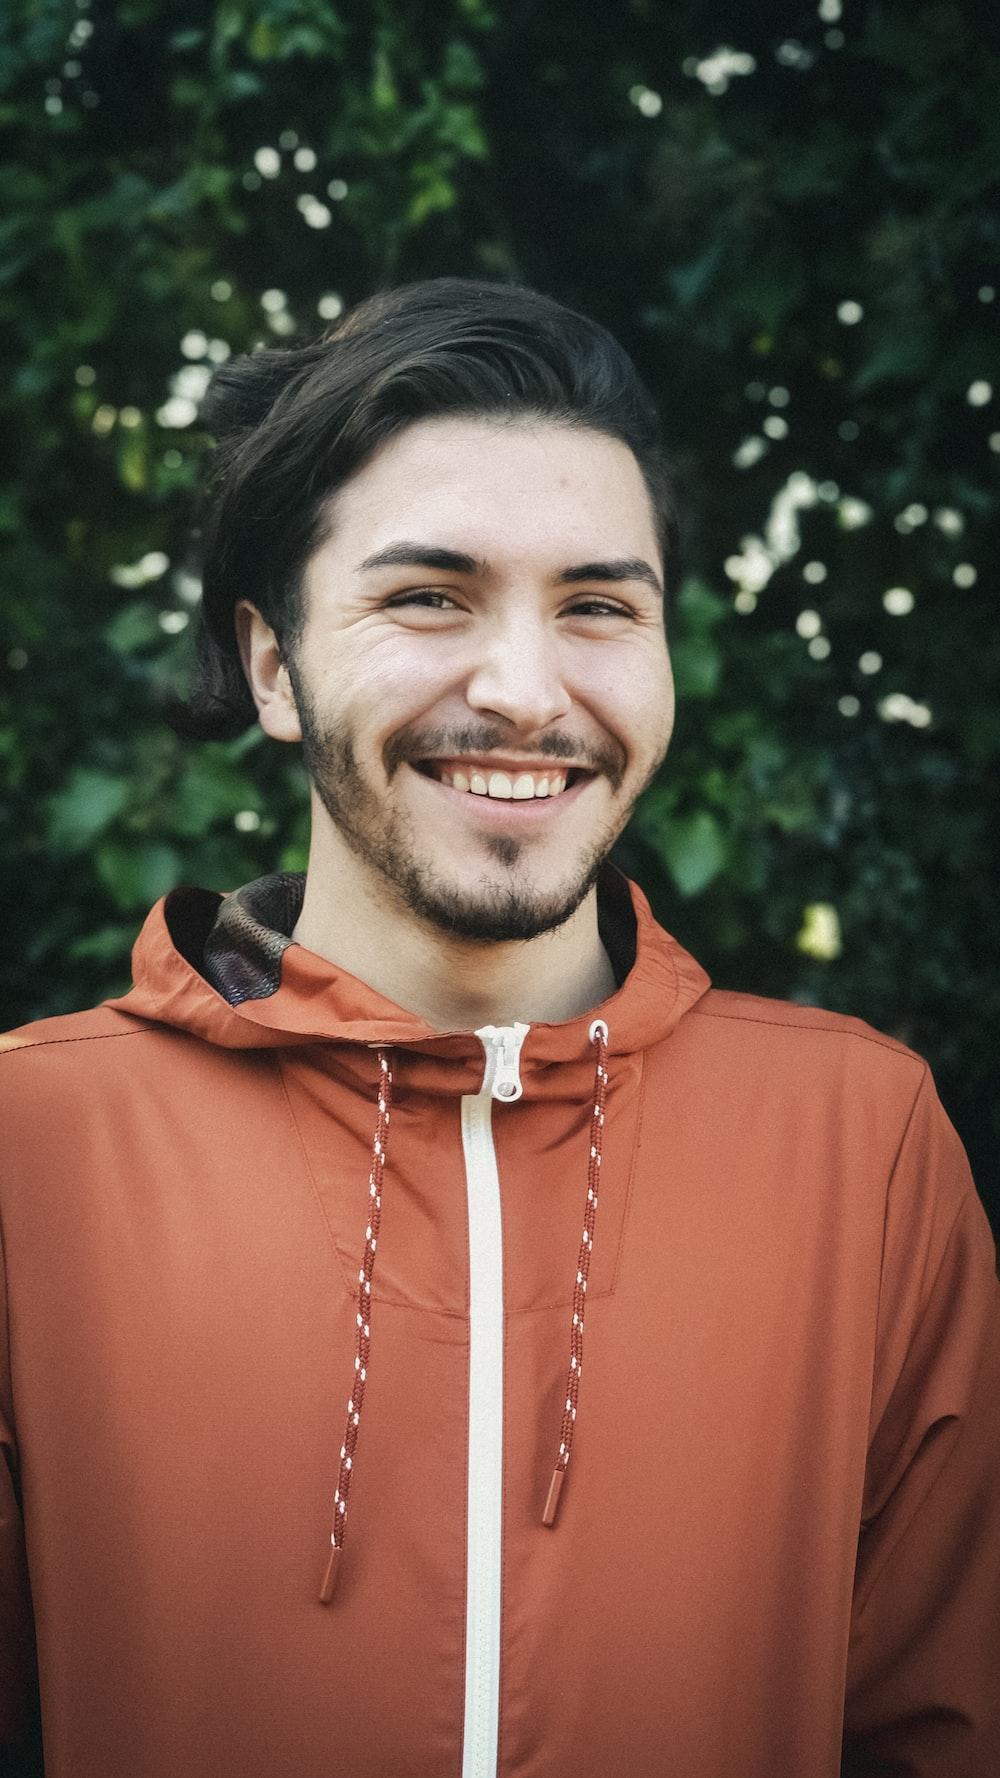 smiling man wearing orange zip-up jacket